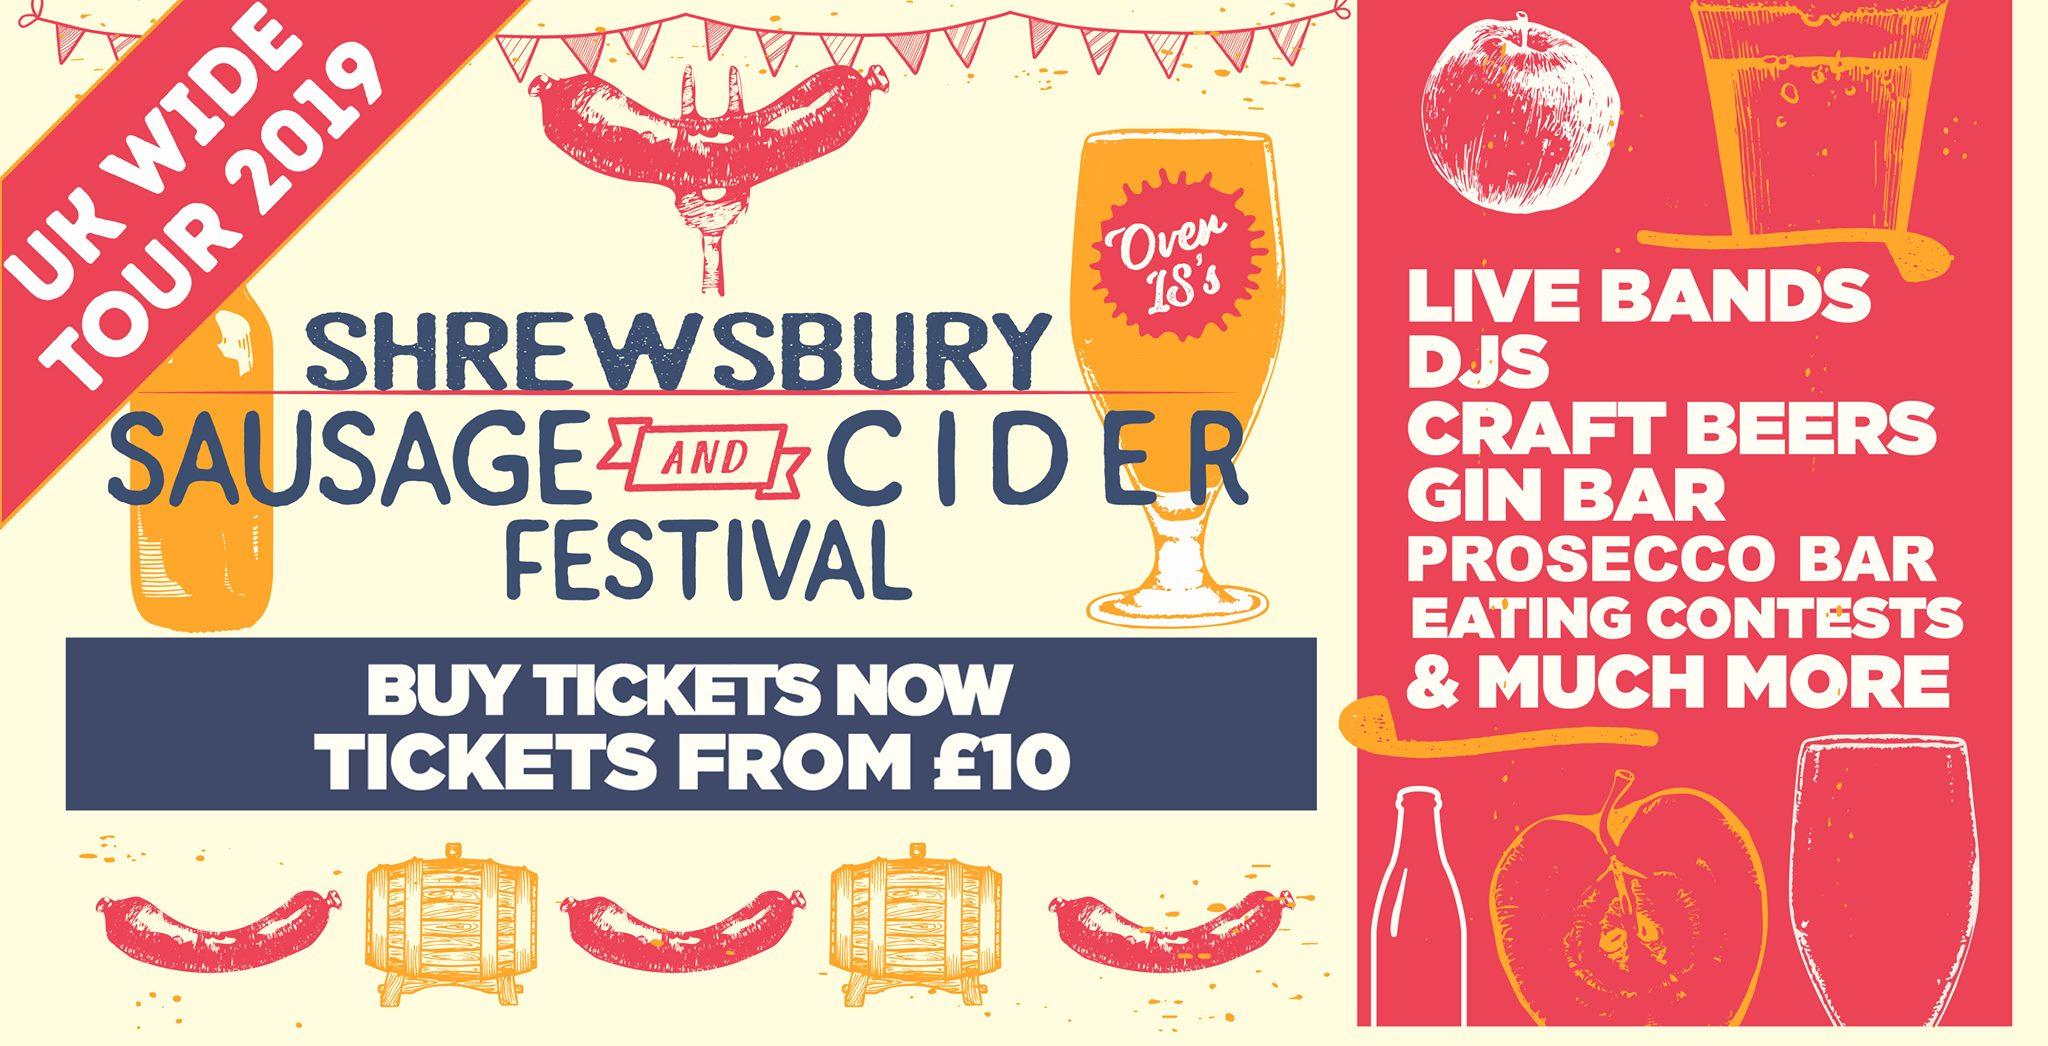 Shrewsbury Sausage & Cider Festival